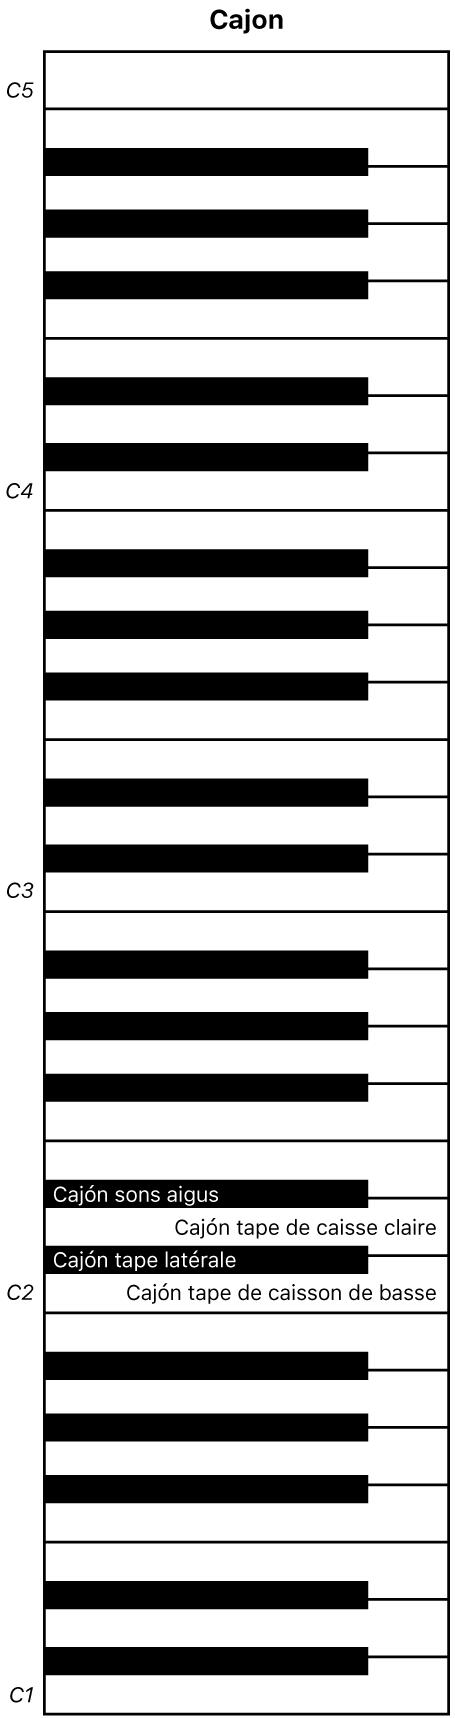 Figure. Mappage des touches de performance de cajón.